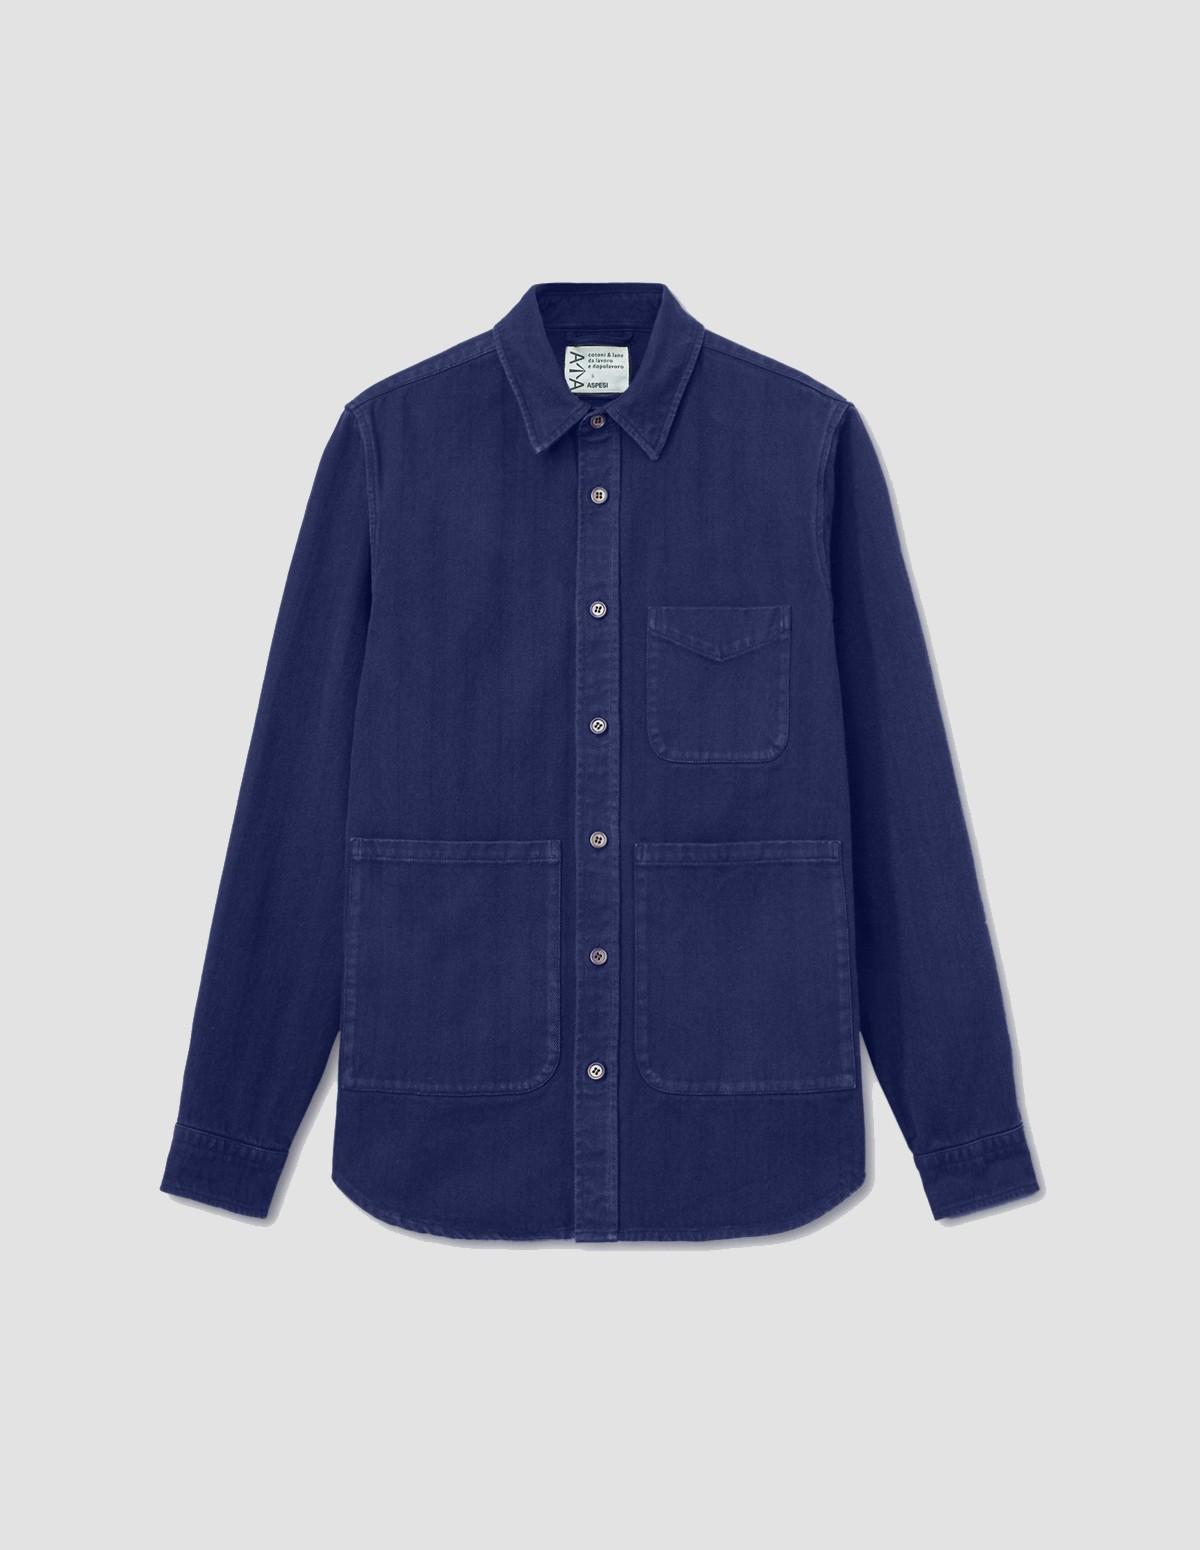 Aspesi Men's Ut Shirt - BLUE